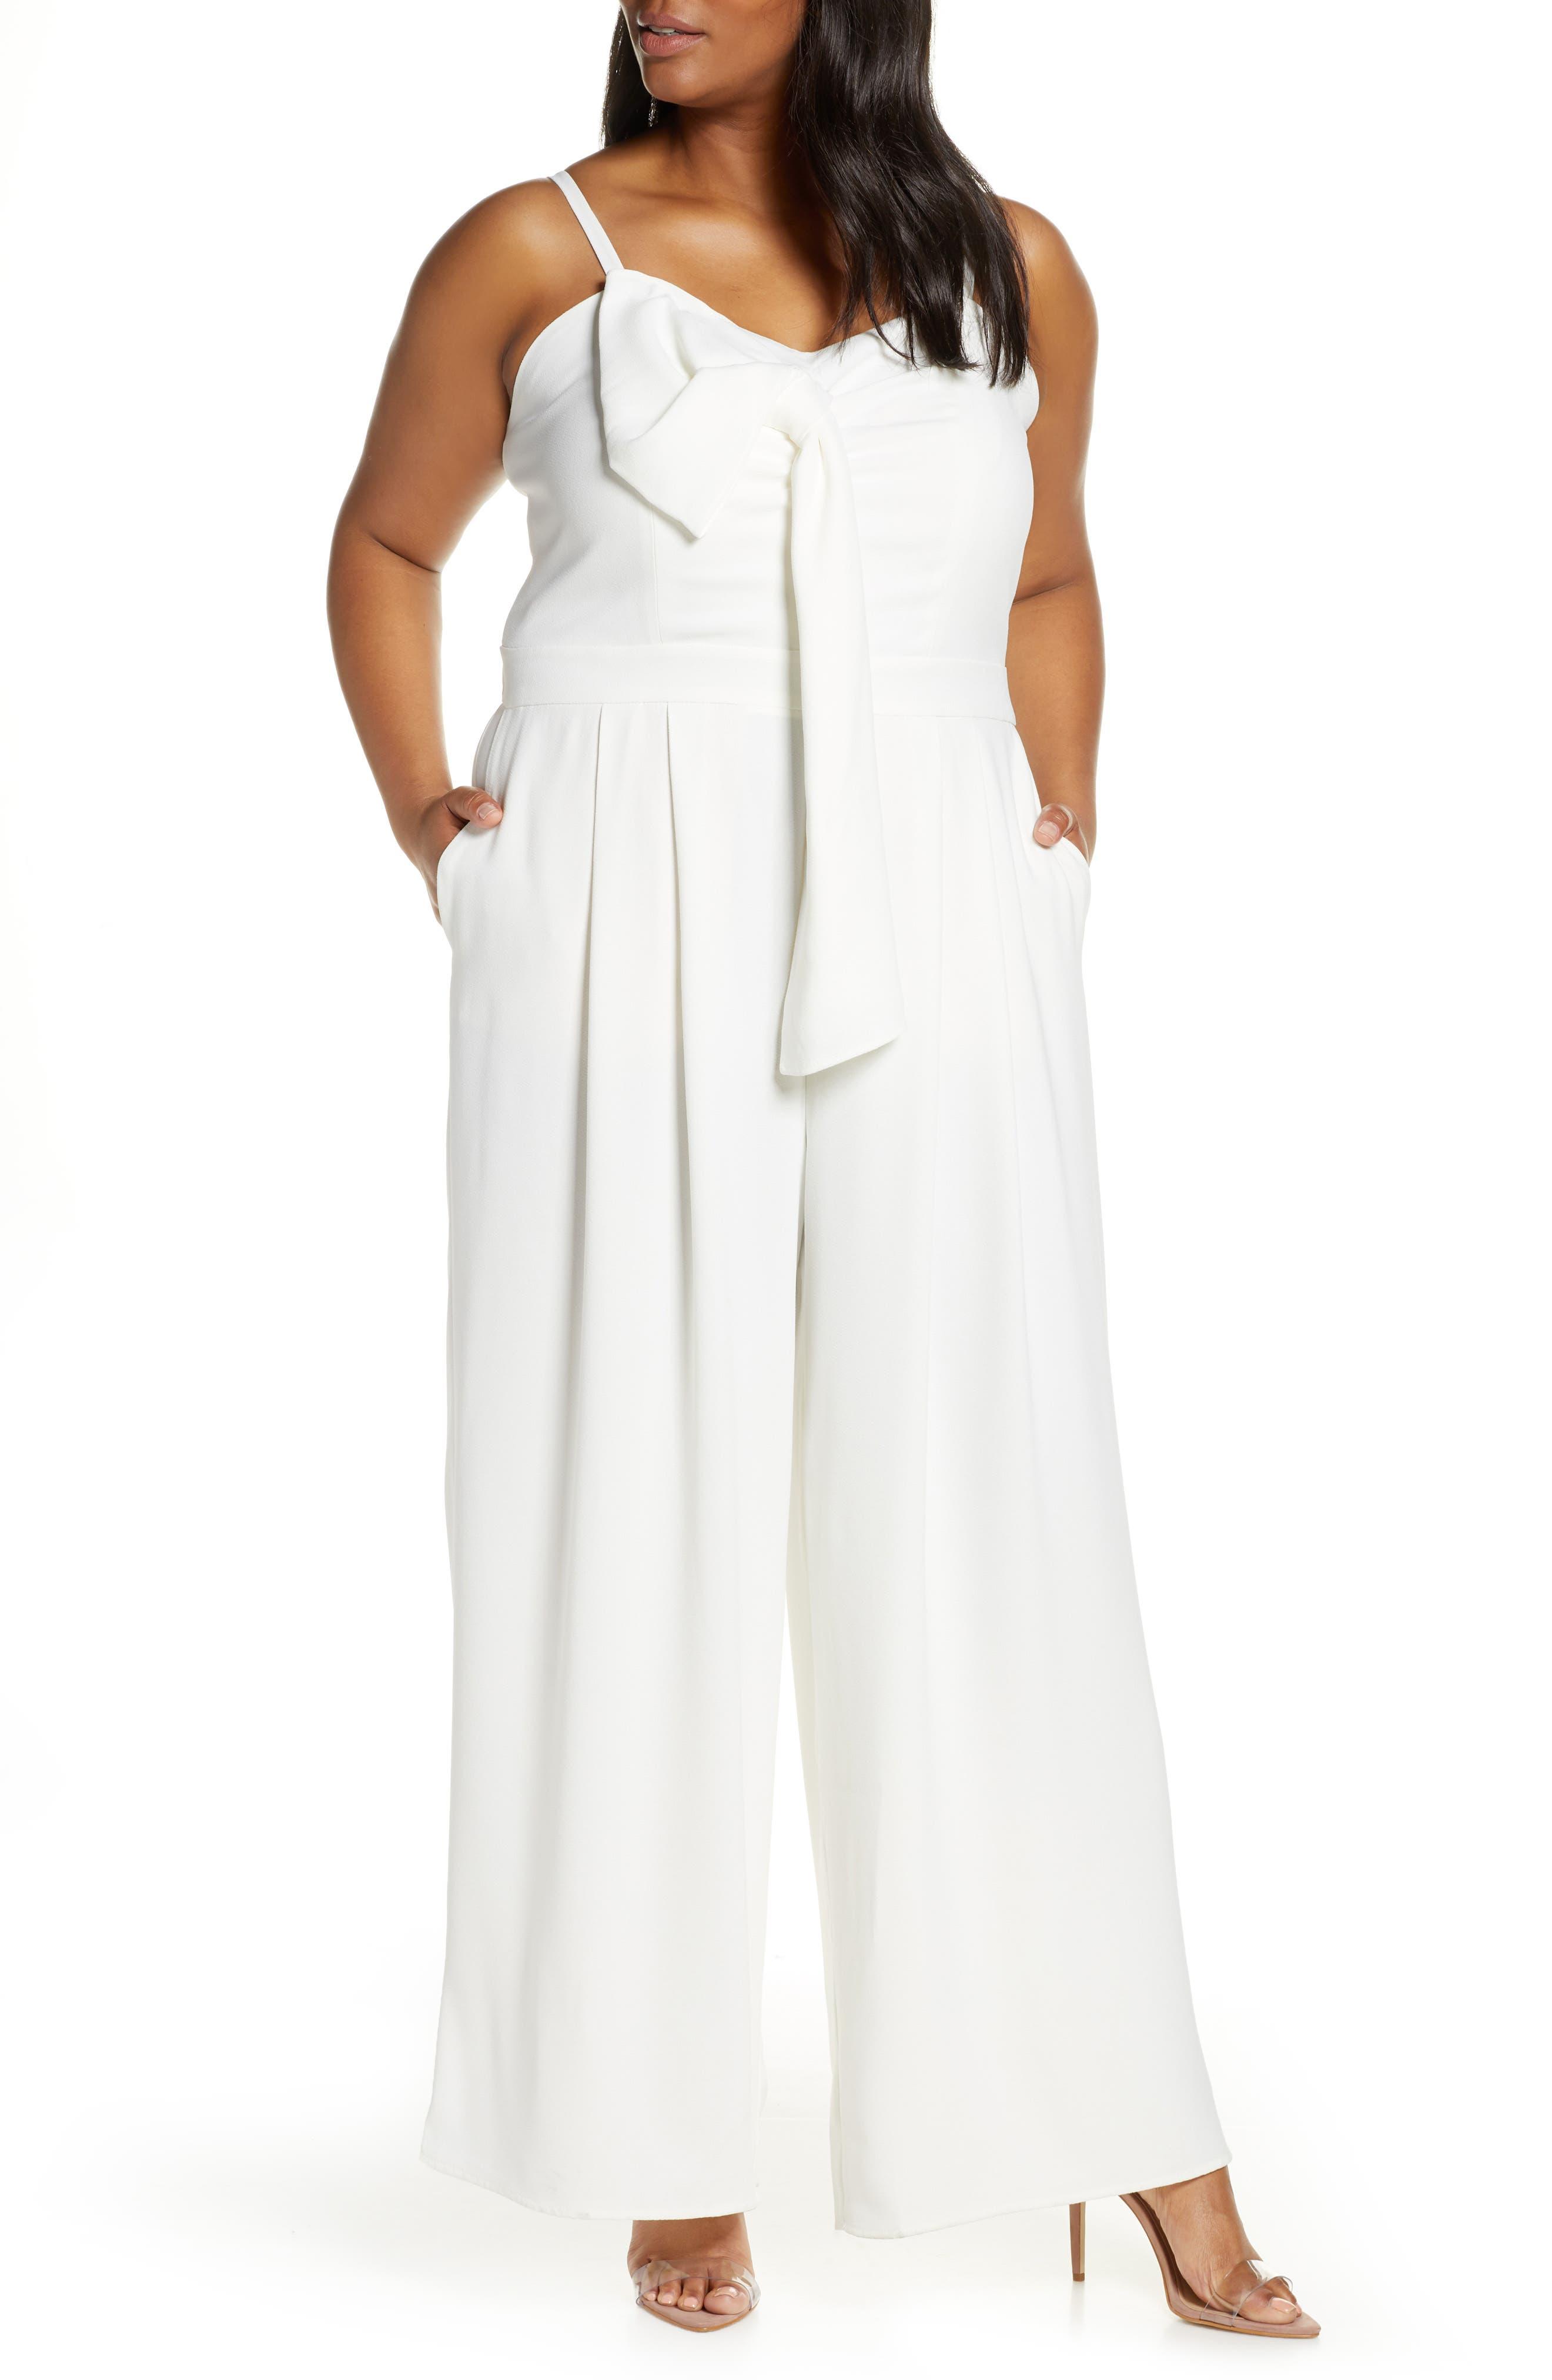 70s Jumpsuit | Disco Jumpsuits – Sequin, Striped, Gold, White, Black Plus Size Womens Eloquii Tie Front Wide Leg Jumpsuit Size 26W - White $119.95 AT vintagedancer.com